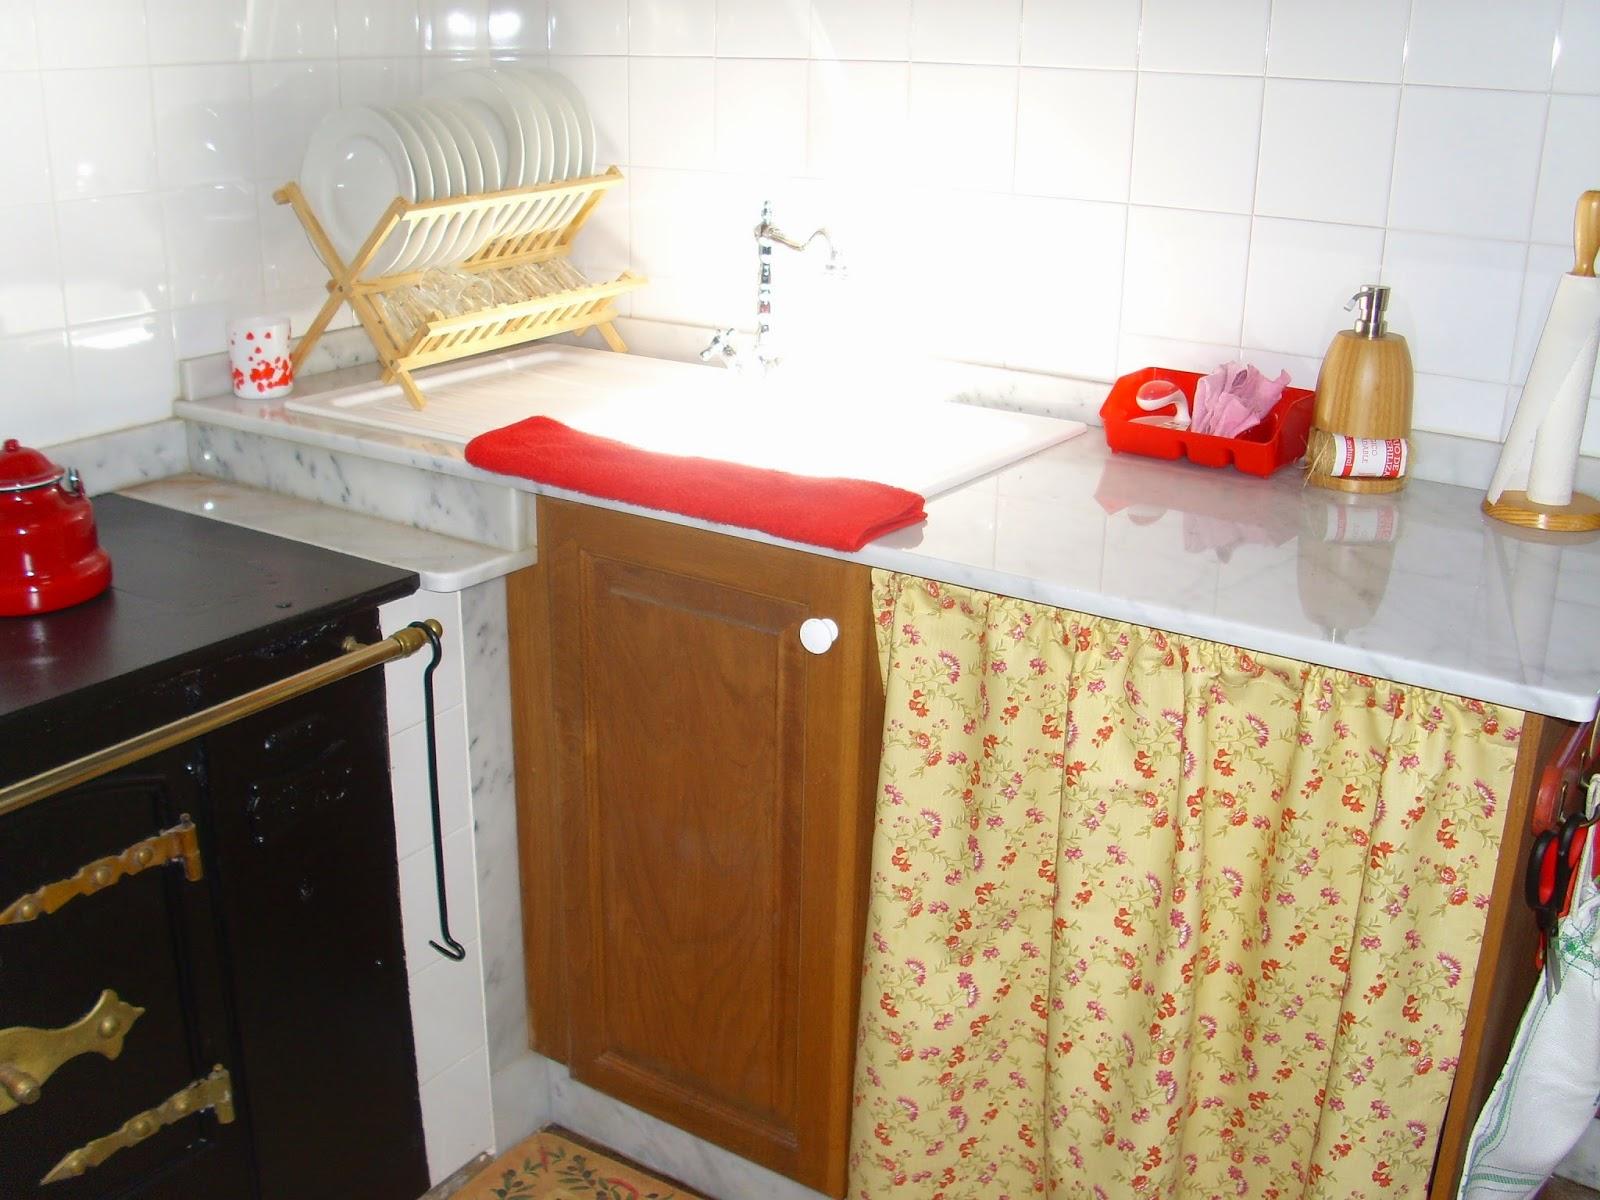 Cortinas para muebles de cocina for Cortinas para muebles de cocina